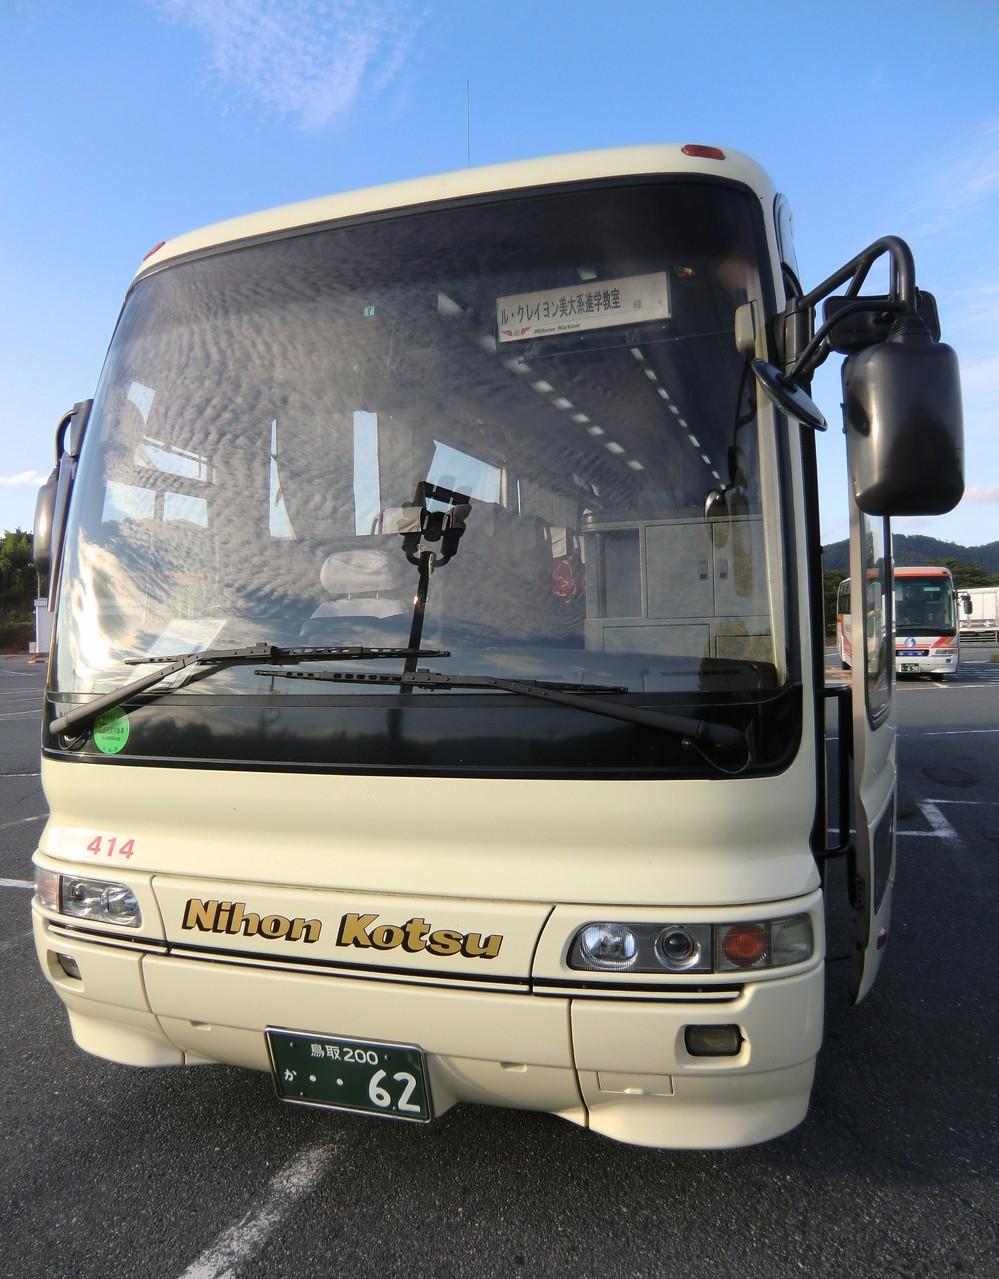 成安造形大学(滋賀県)が毎年、大型バス2台を提供されオープンキャンパスに招待されます!美大の雰囲気を肌で感じてほしいと思い企画しています。